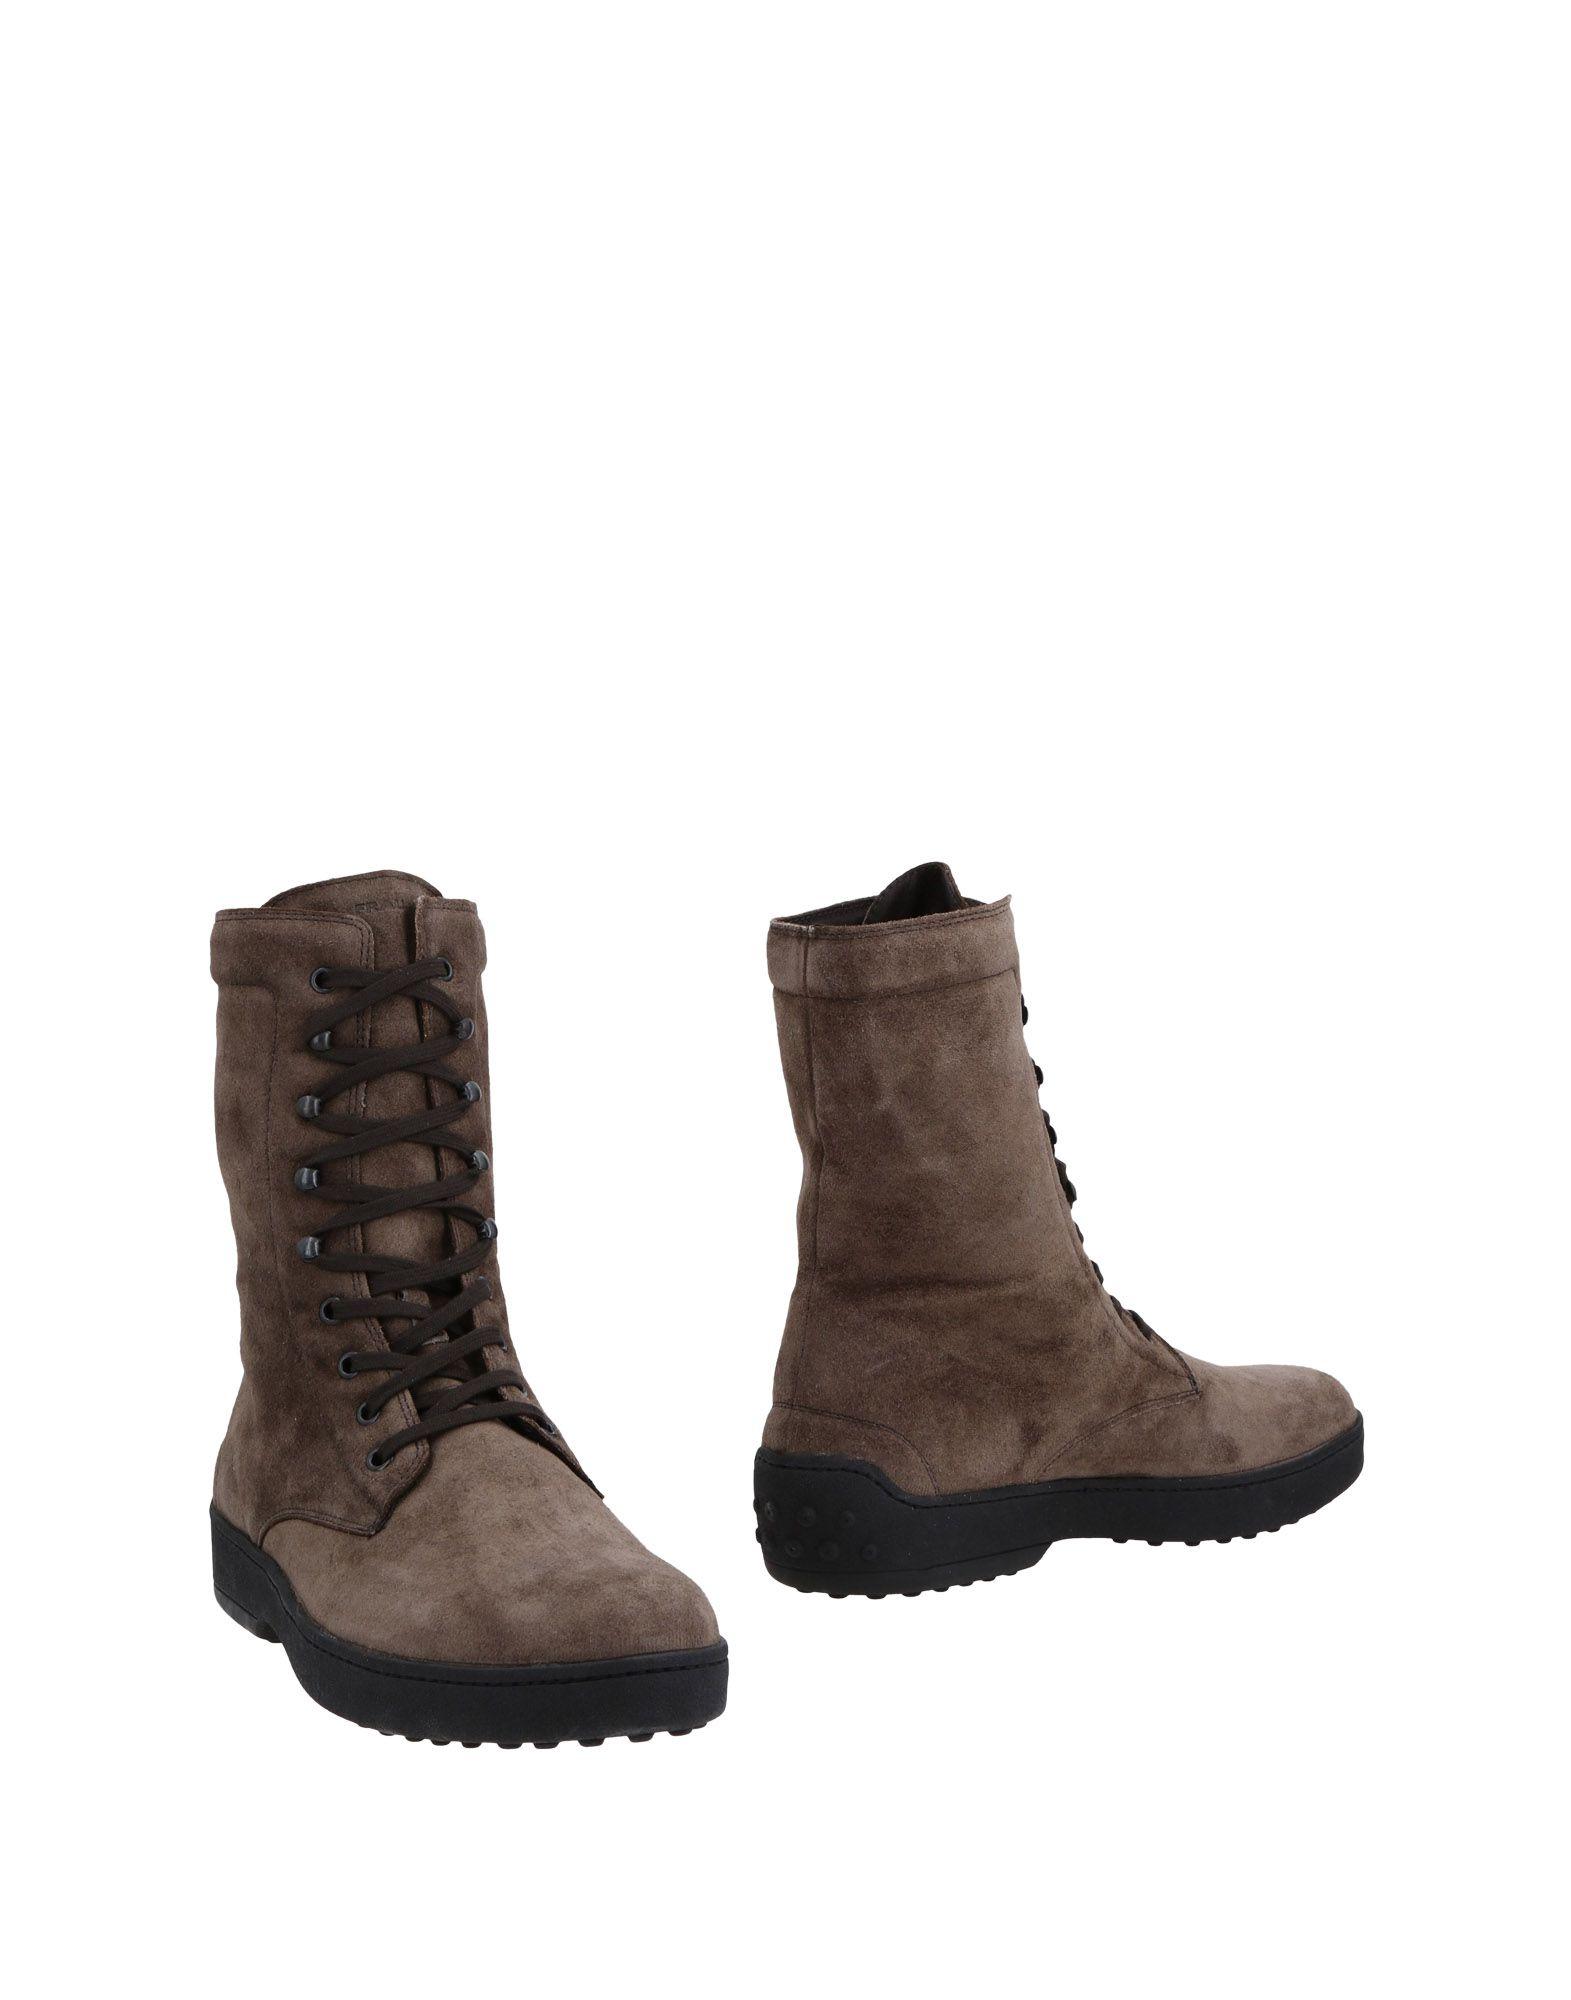 Rabatt echte Schuhe 11480677SH Frau Stiefelette Herren  11480677SH Schuhe 426a14